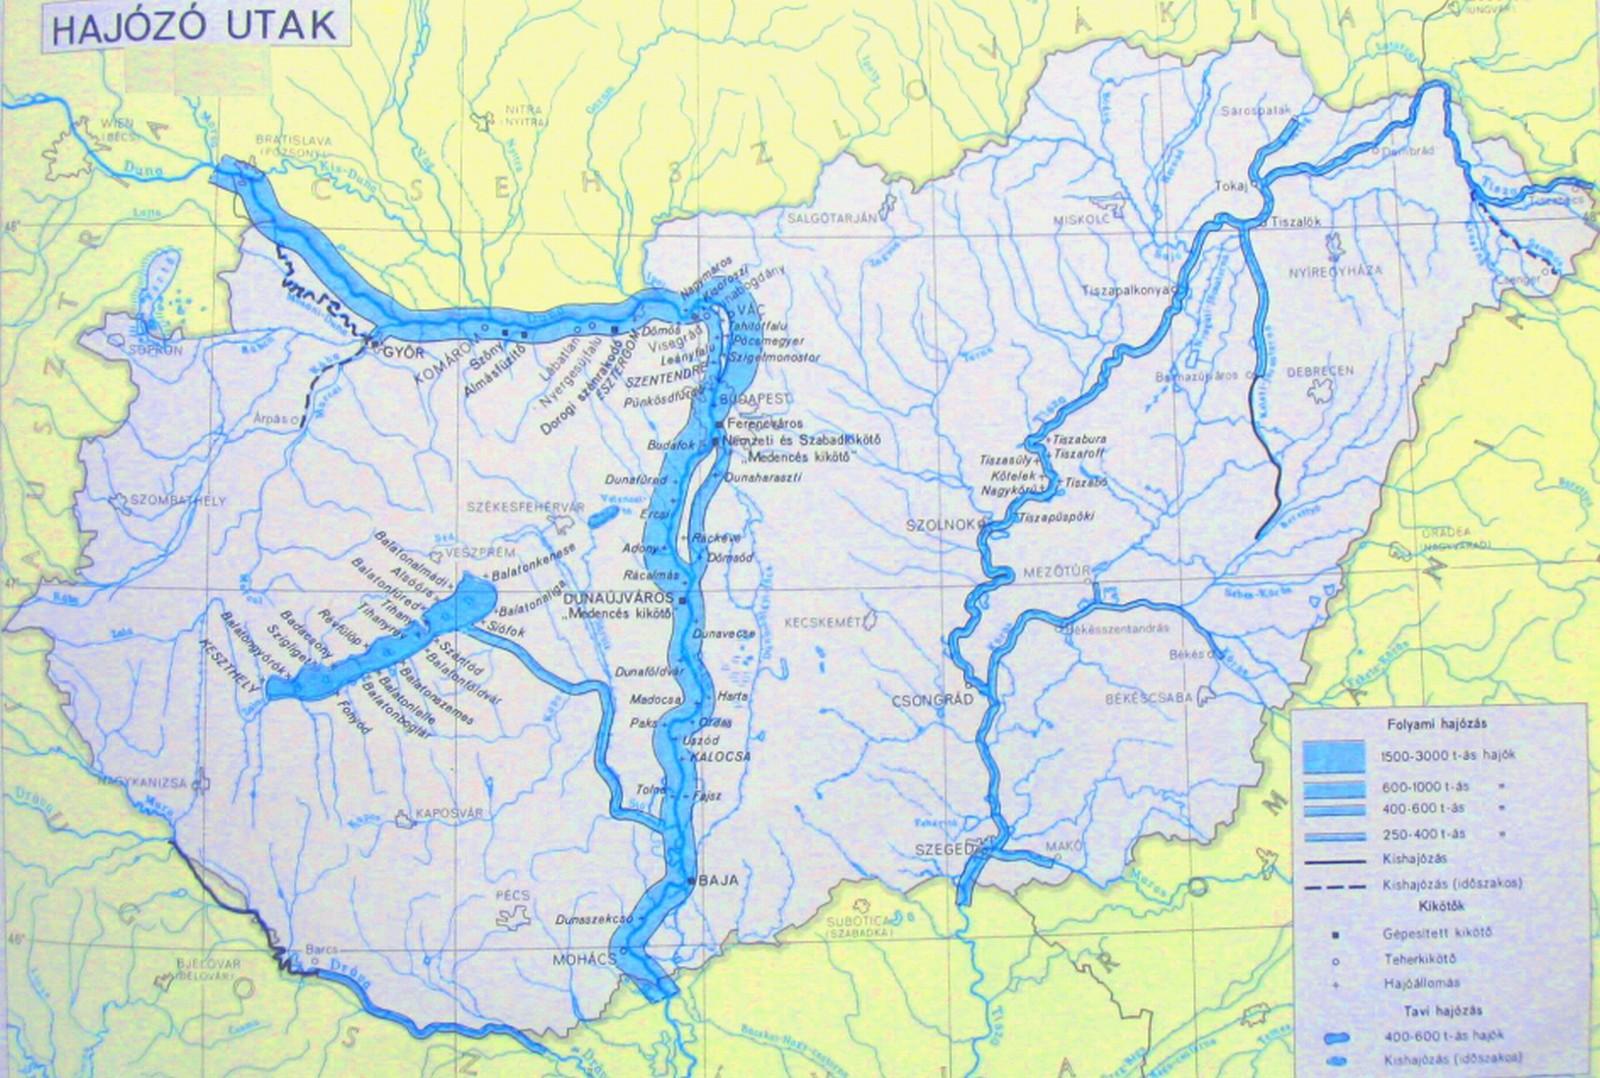 magyarország folyói térkép Közlekedési földrajz | SuliTudásbázis magyarország folyói térkép